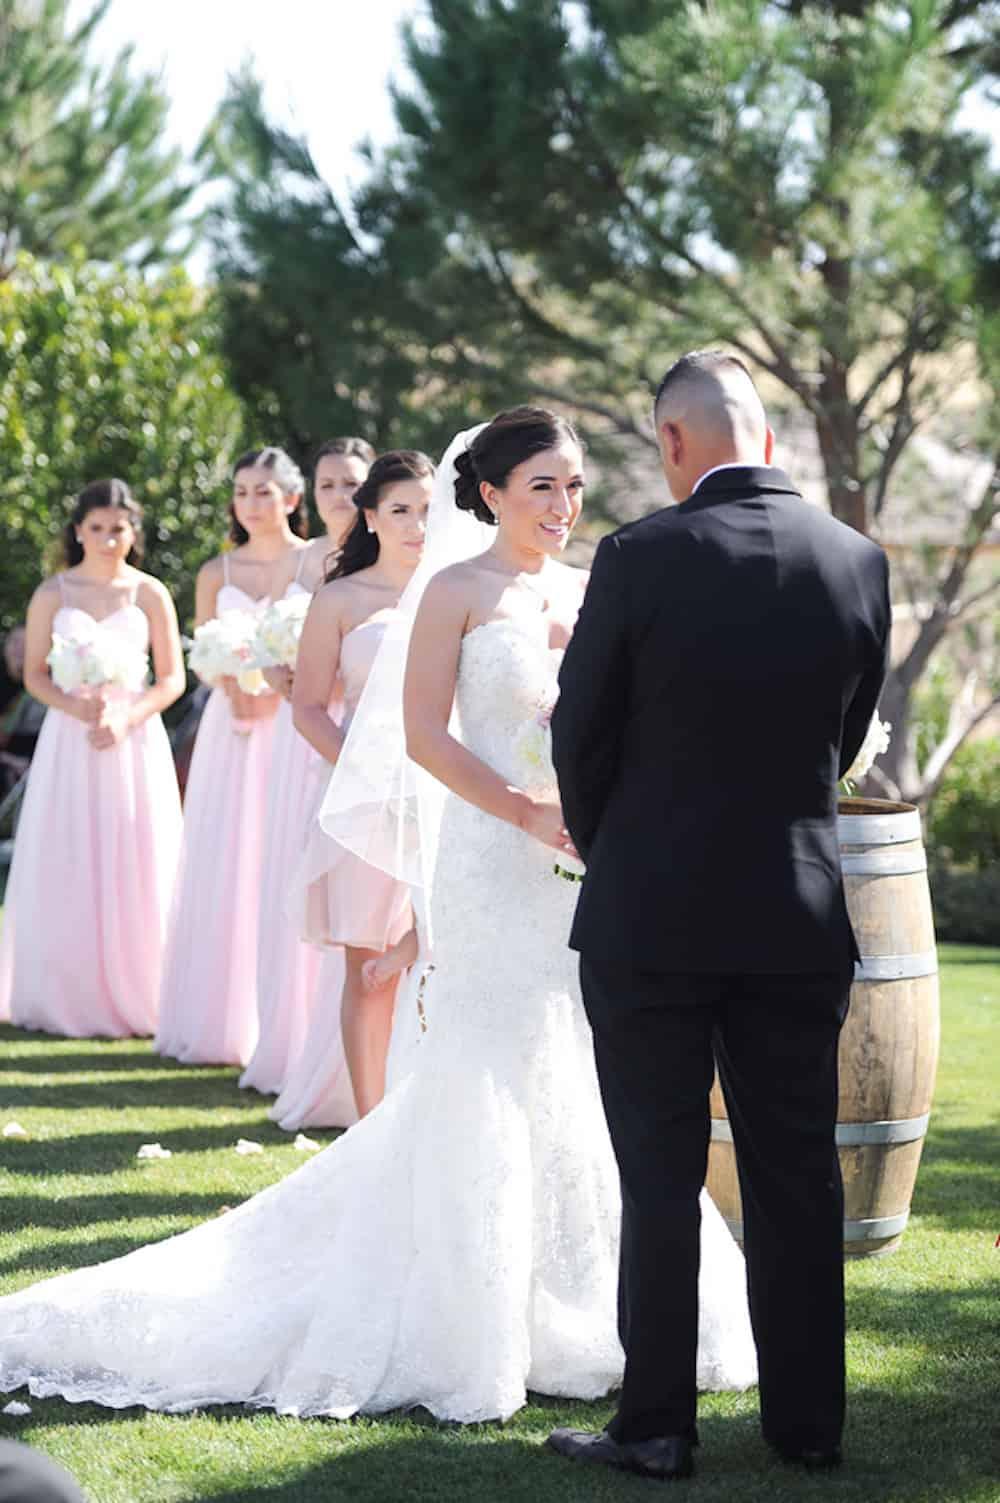 8B Paredes_Martinez_JessicaFreyPhotography_FranciscoVeronicaClubLosMeganosJessicaFreyPhotography057_low